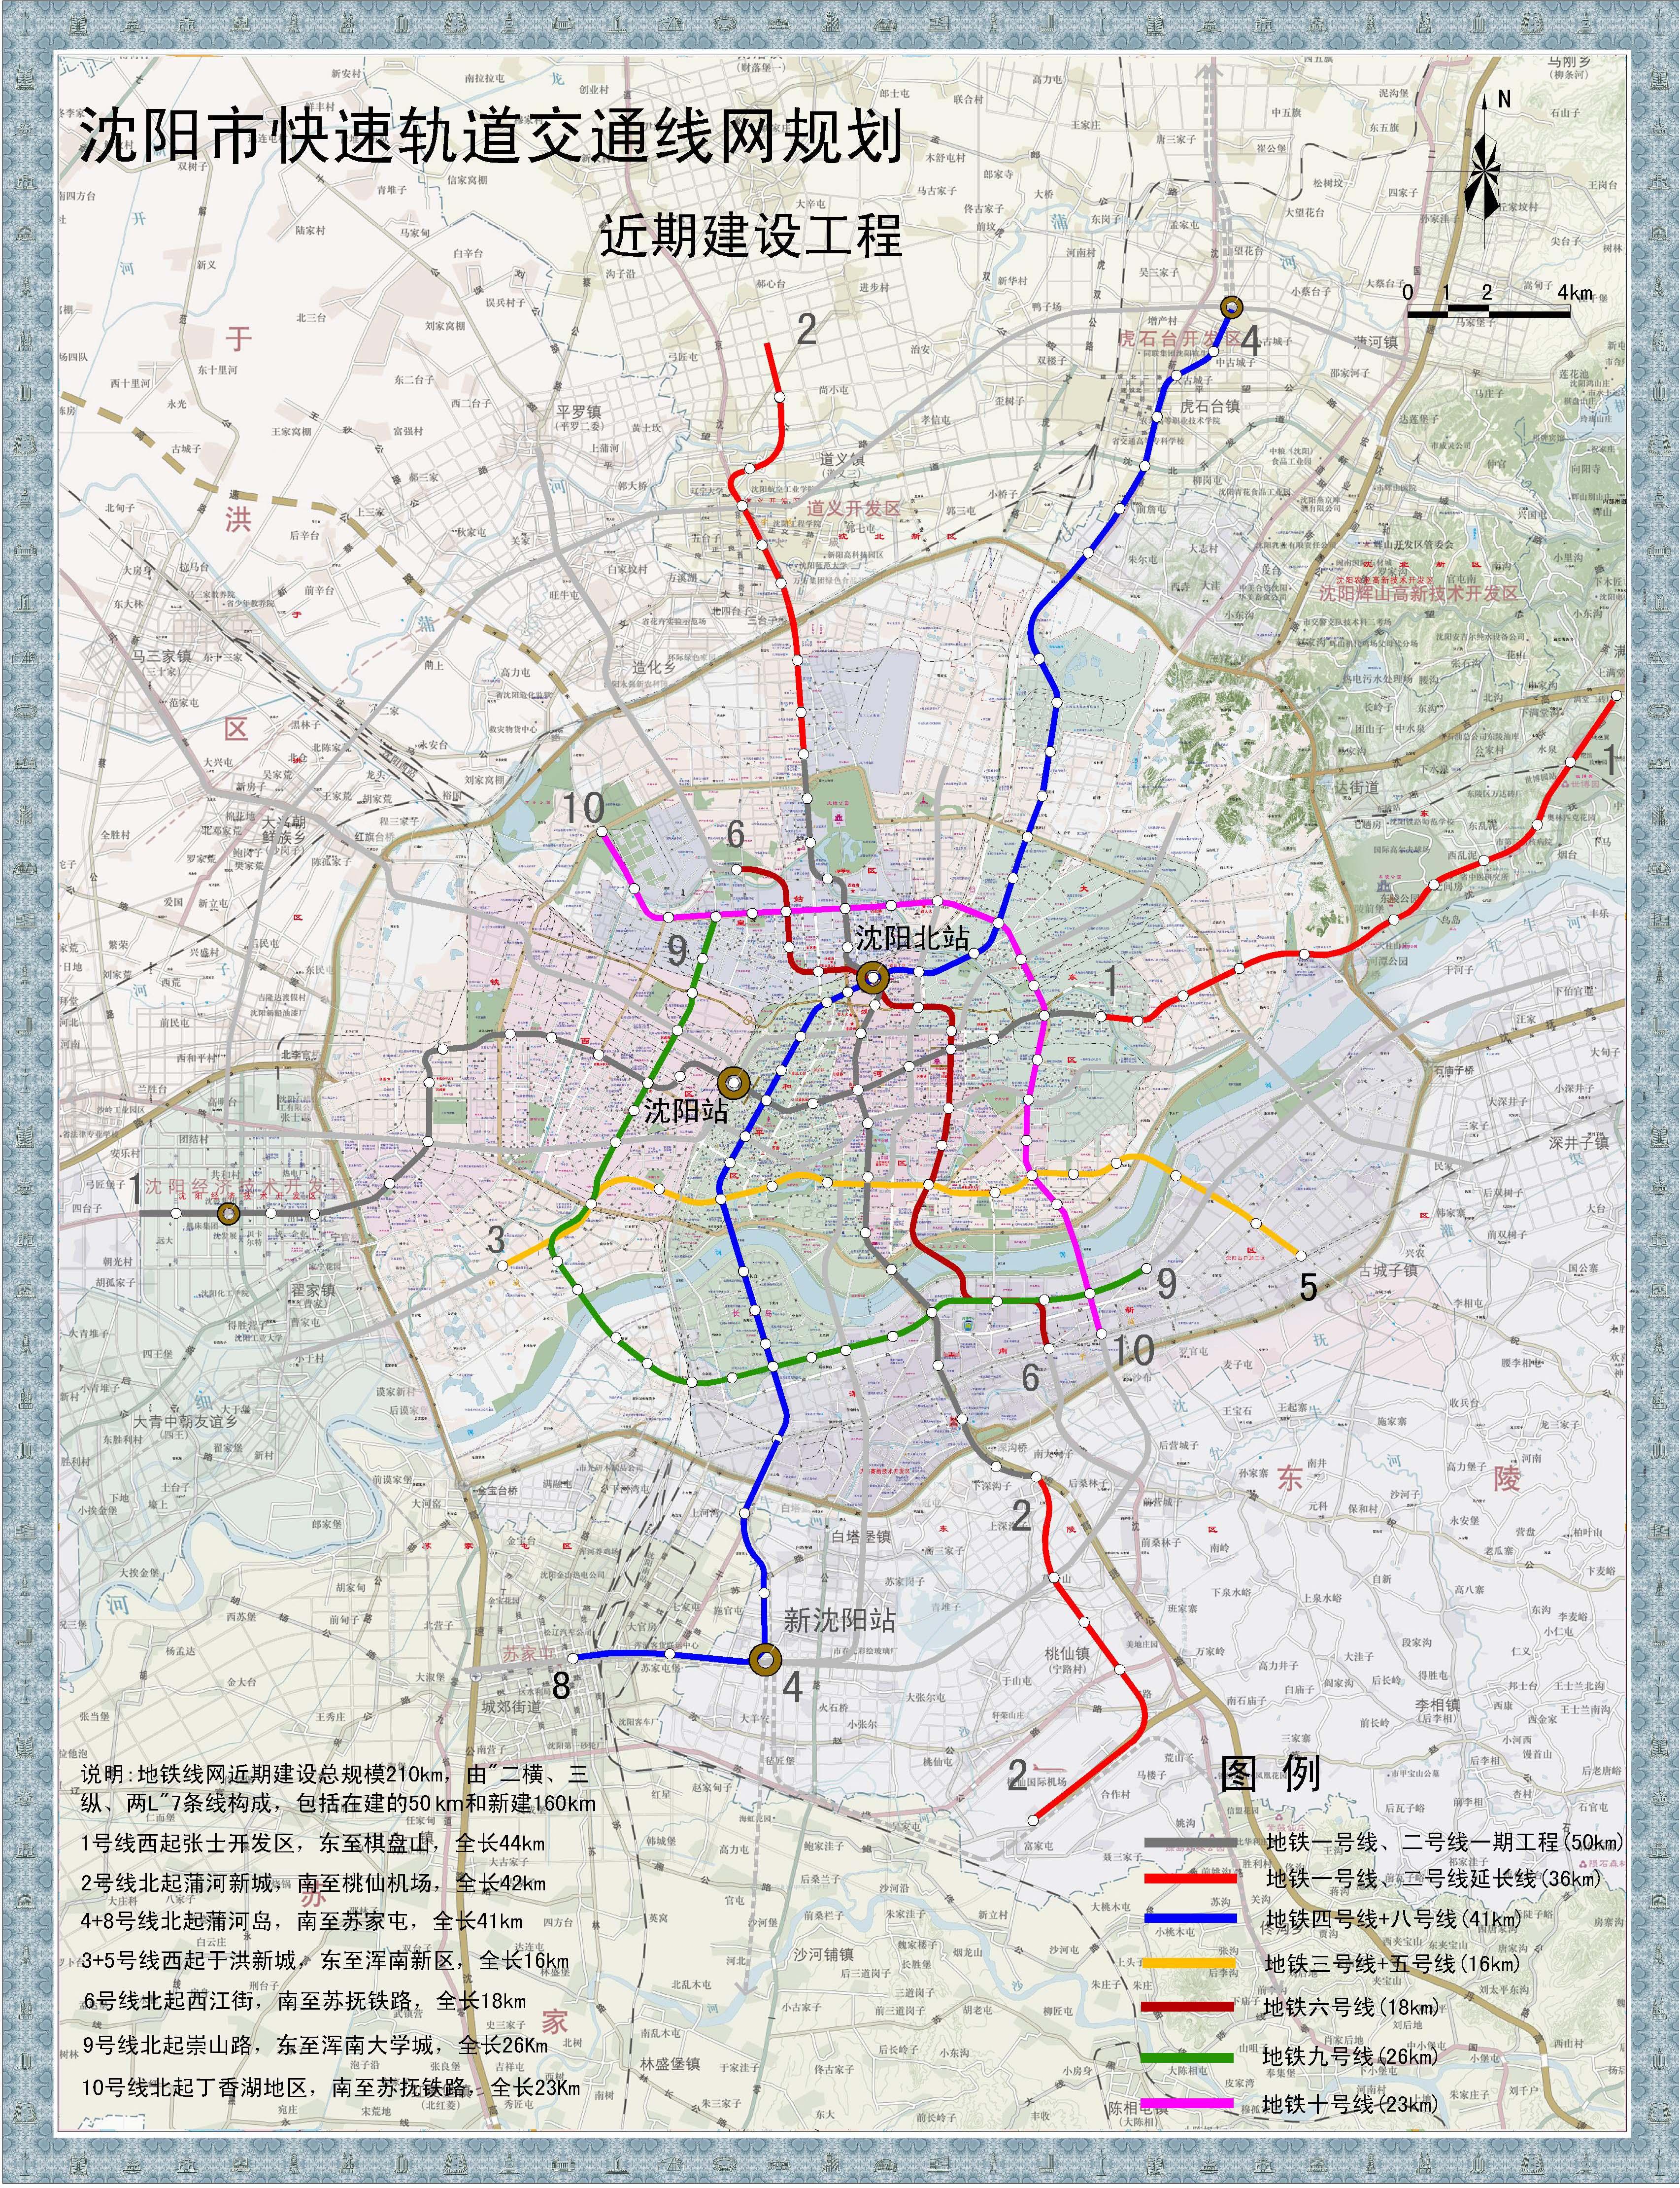 沈阳快速轨道交通规划图